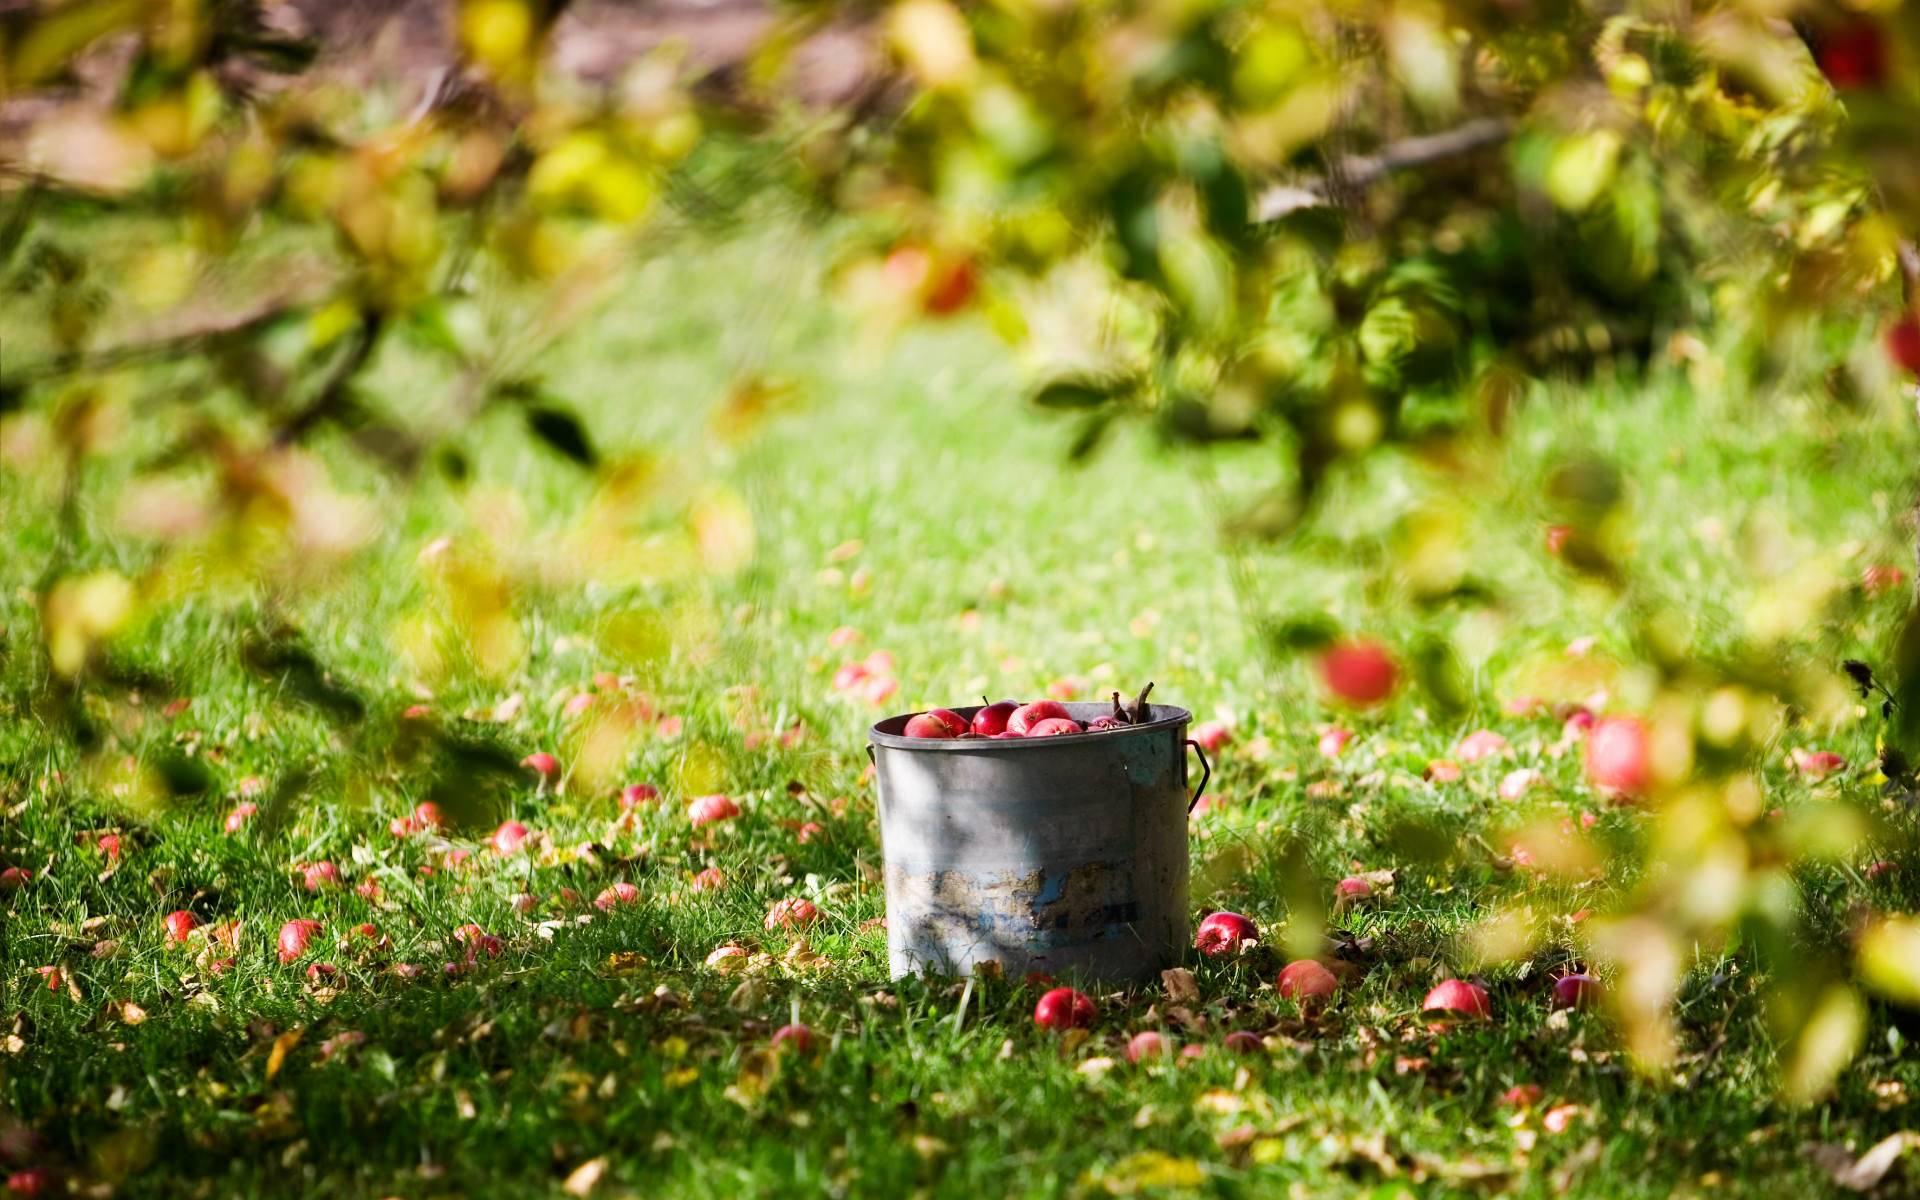 http://3.bp.blogspot.com/-jMRHYT_BrEQ/T_gAvkNIDnI/AAAAAAAAJ5k/sMQjwG8Yx0w/s1920/Fruits-under-tree-wallpaper.jpg